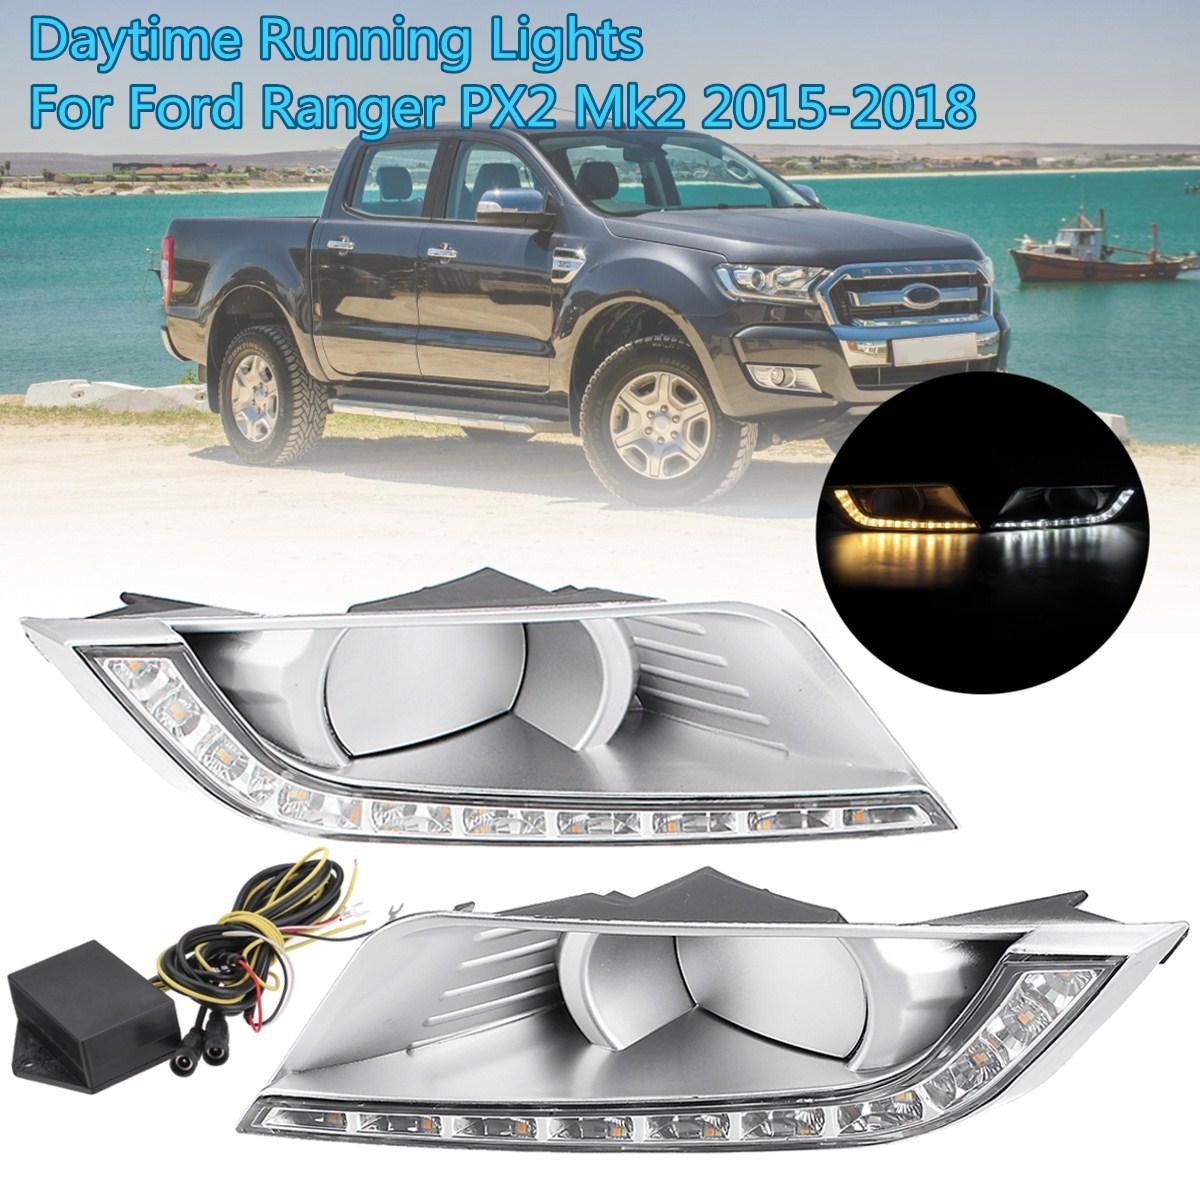 Pour Ford Ranger PX Mk2 2015 2016 2017 2018 1 Paire led Feux de Jour Jour clignotants feux de jour style de voiture lumière